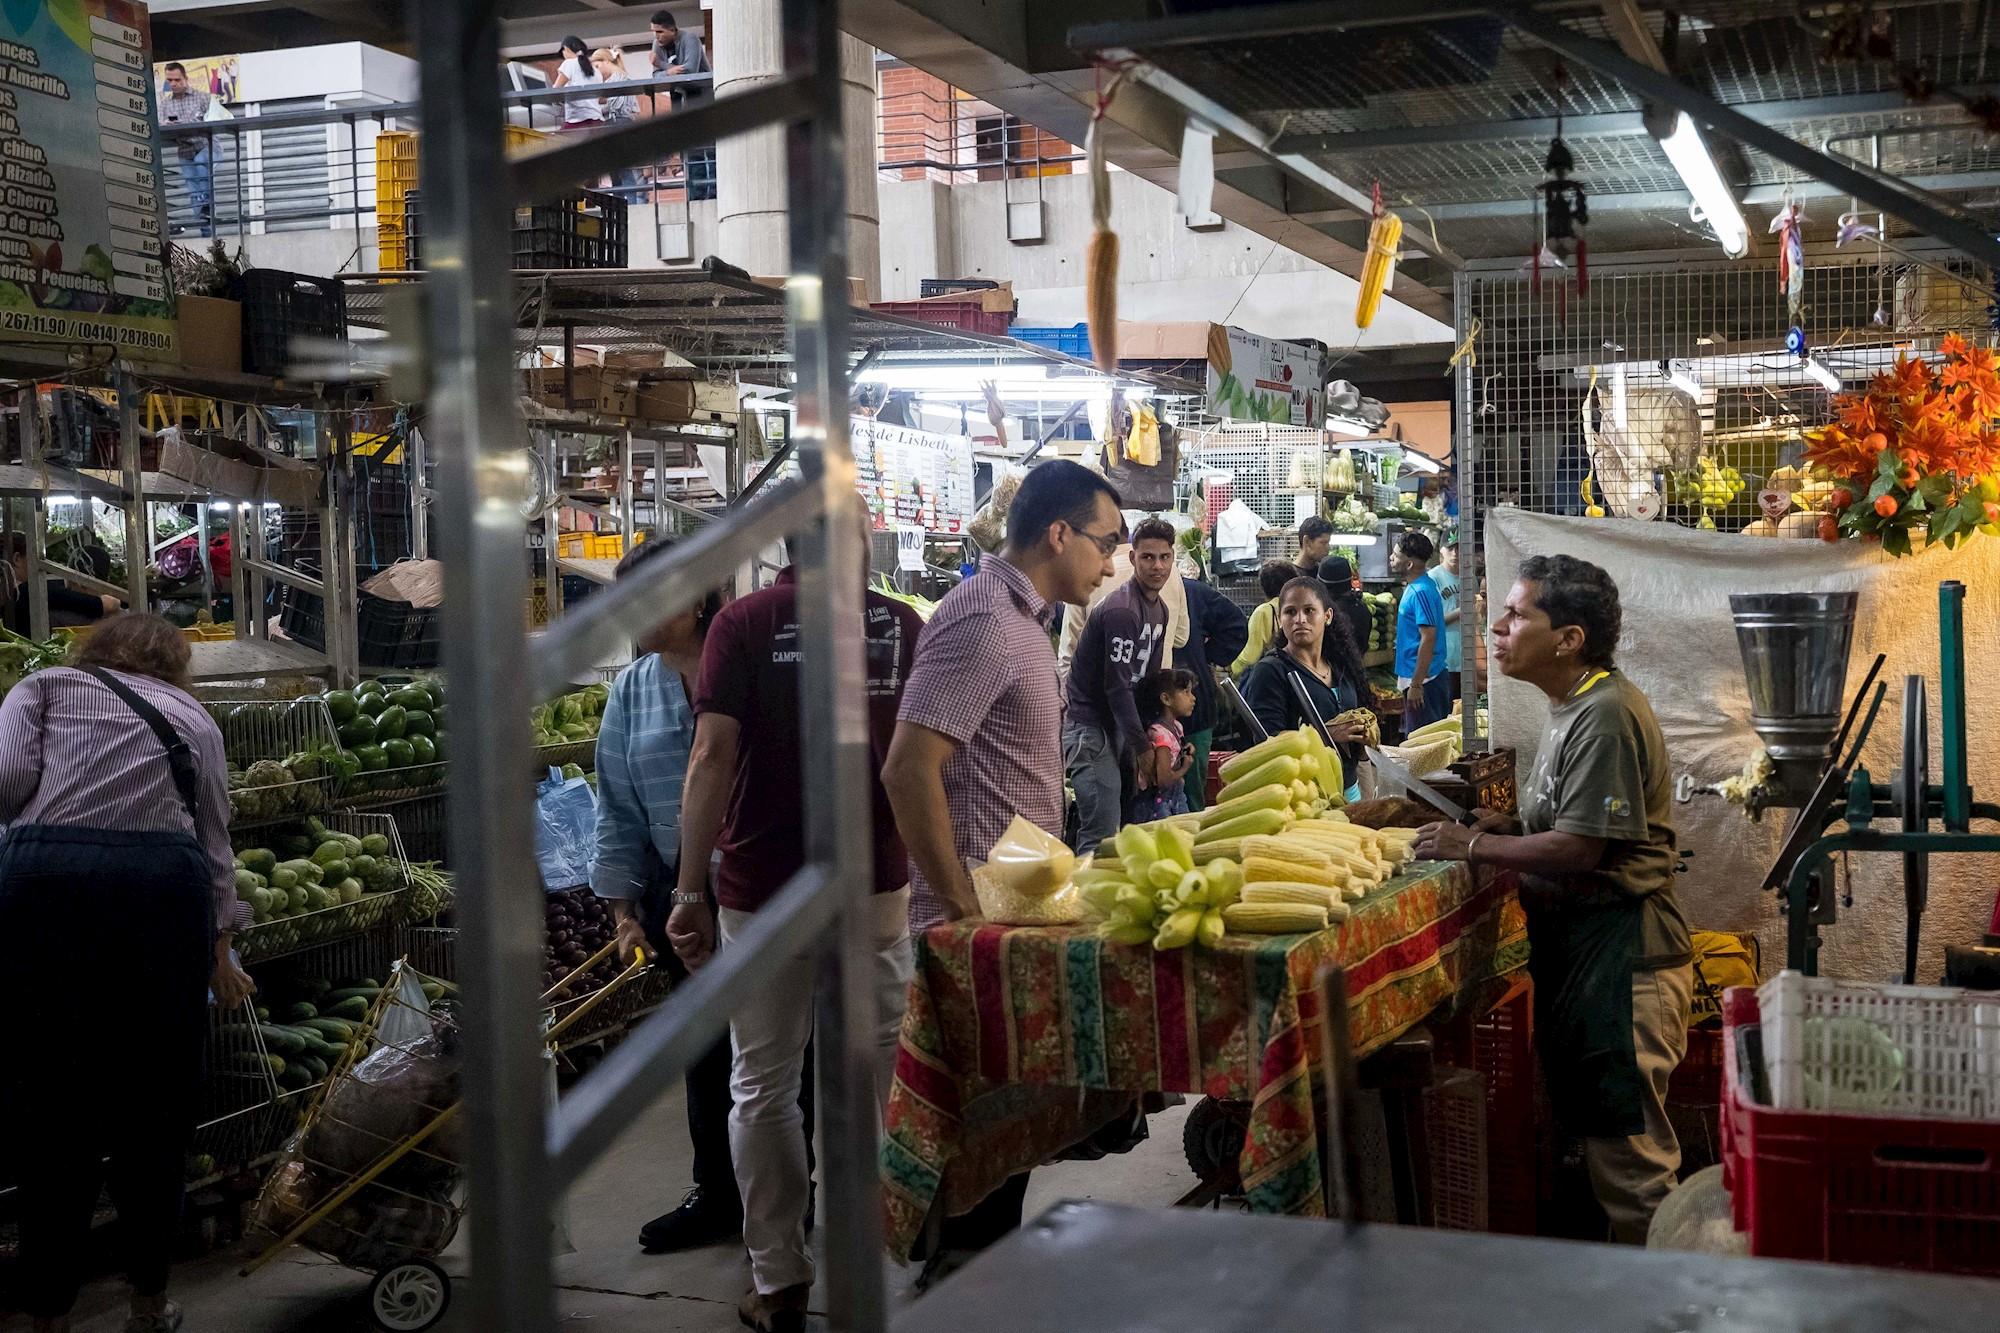 Crisis en Venezuela: 9,3 millones de personas no pueden acceder a alimentos debido a la hiperinflación